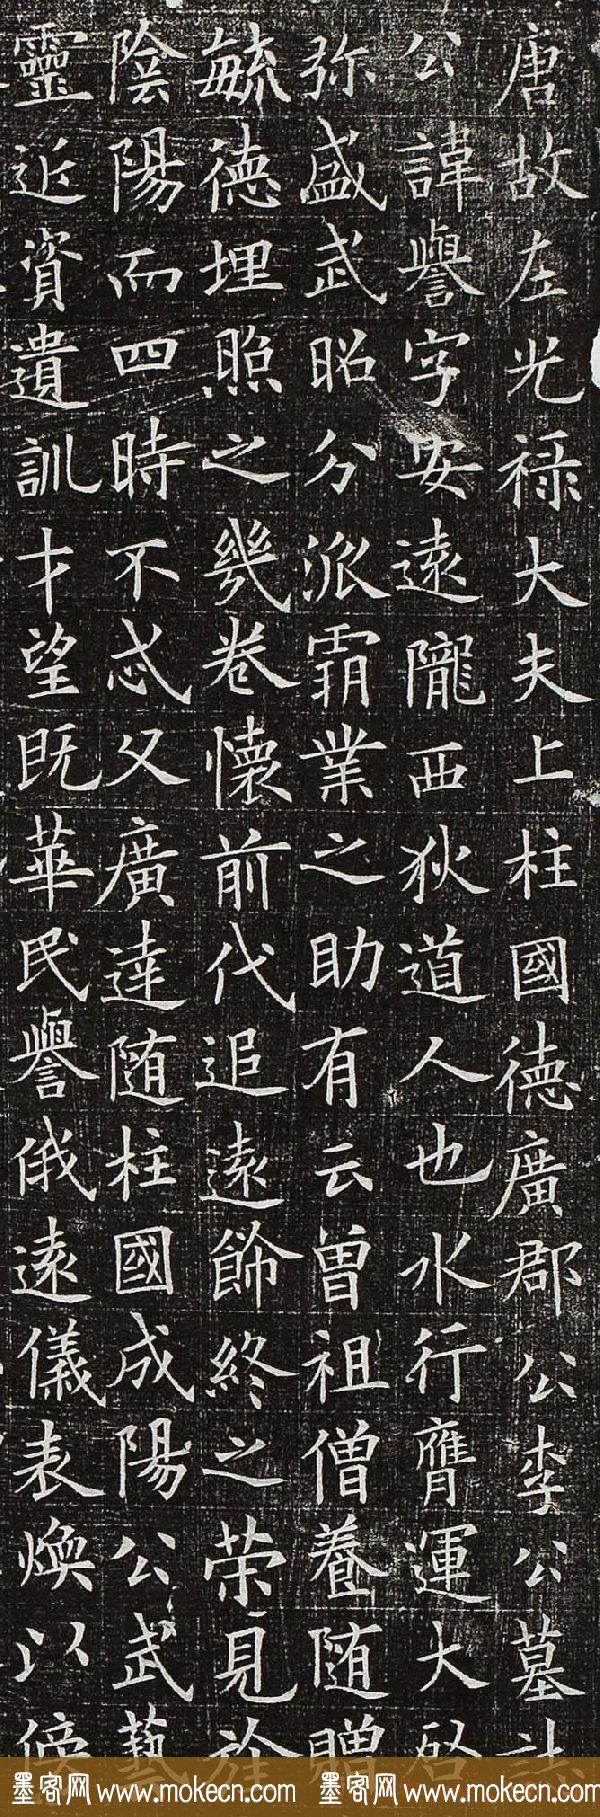 欧楷书法精品欧阳询小楷欣赏《李公墓志》